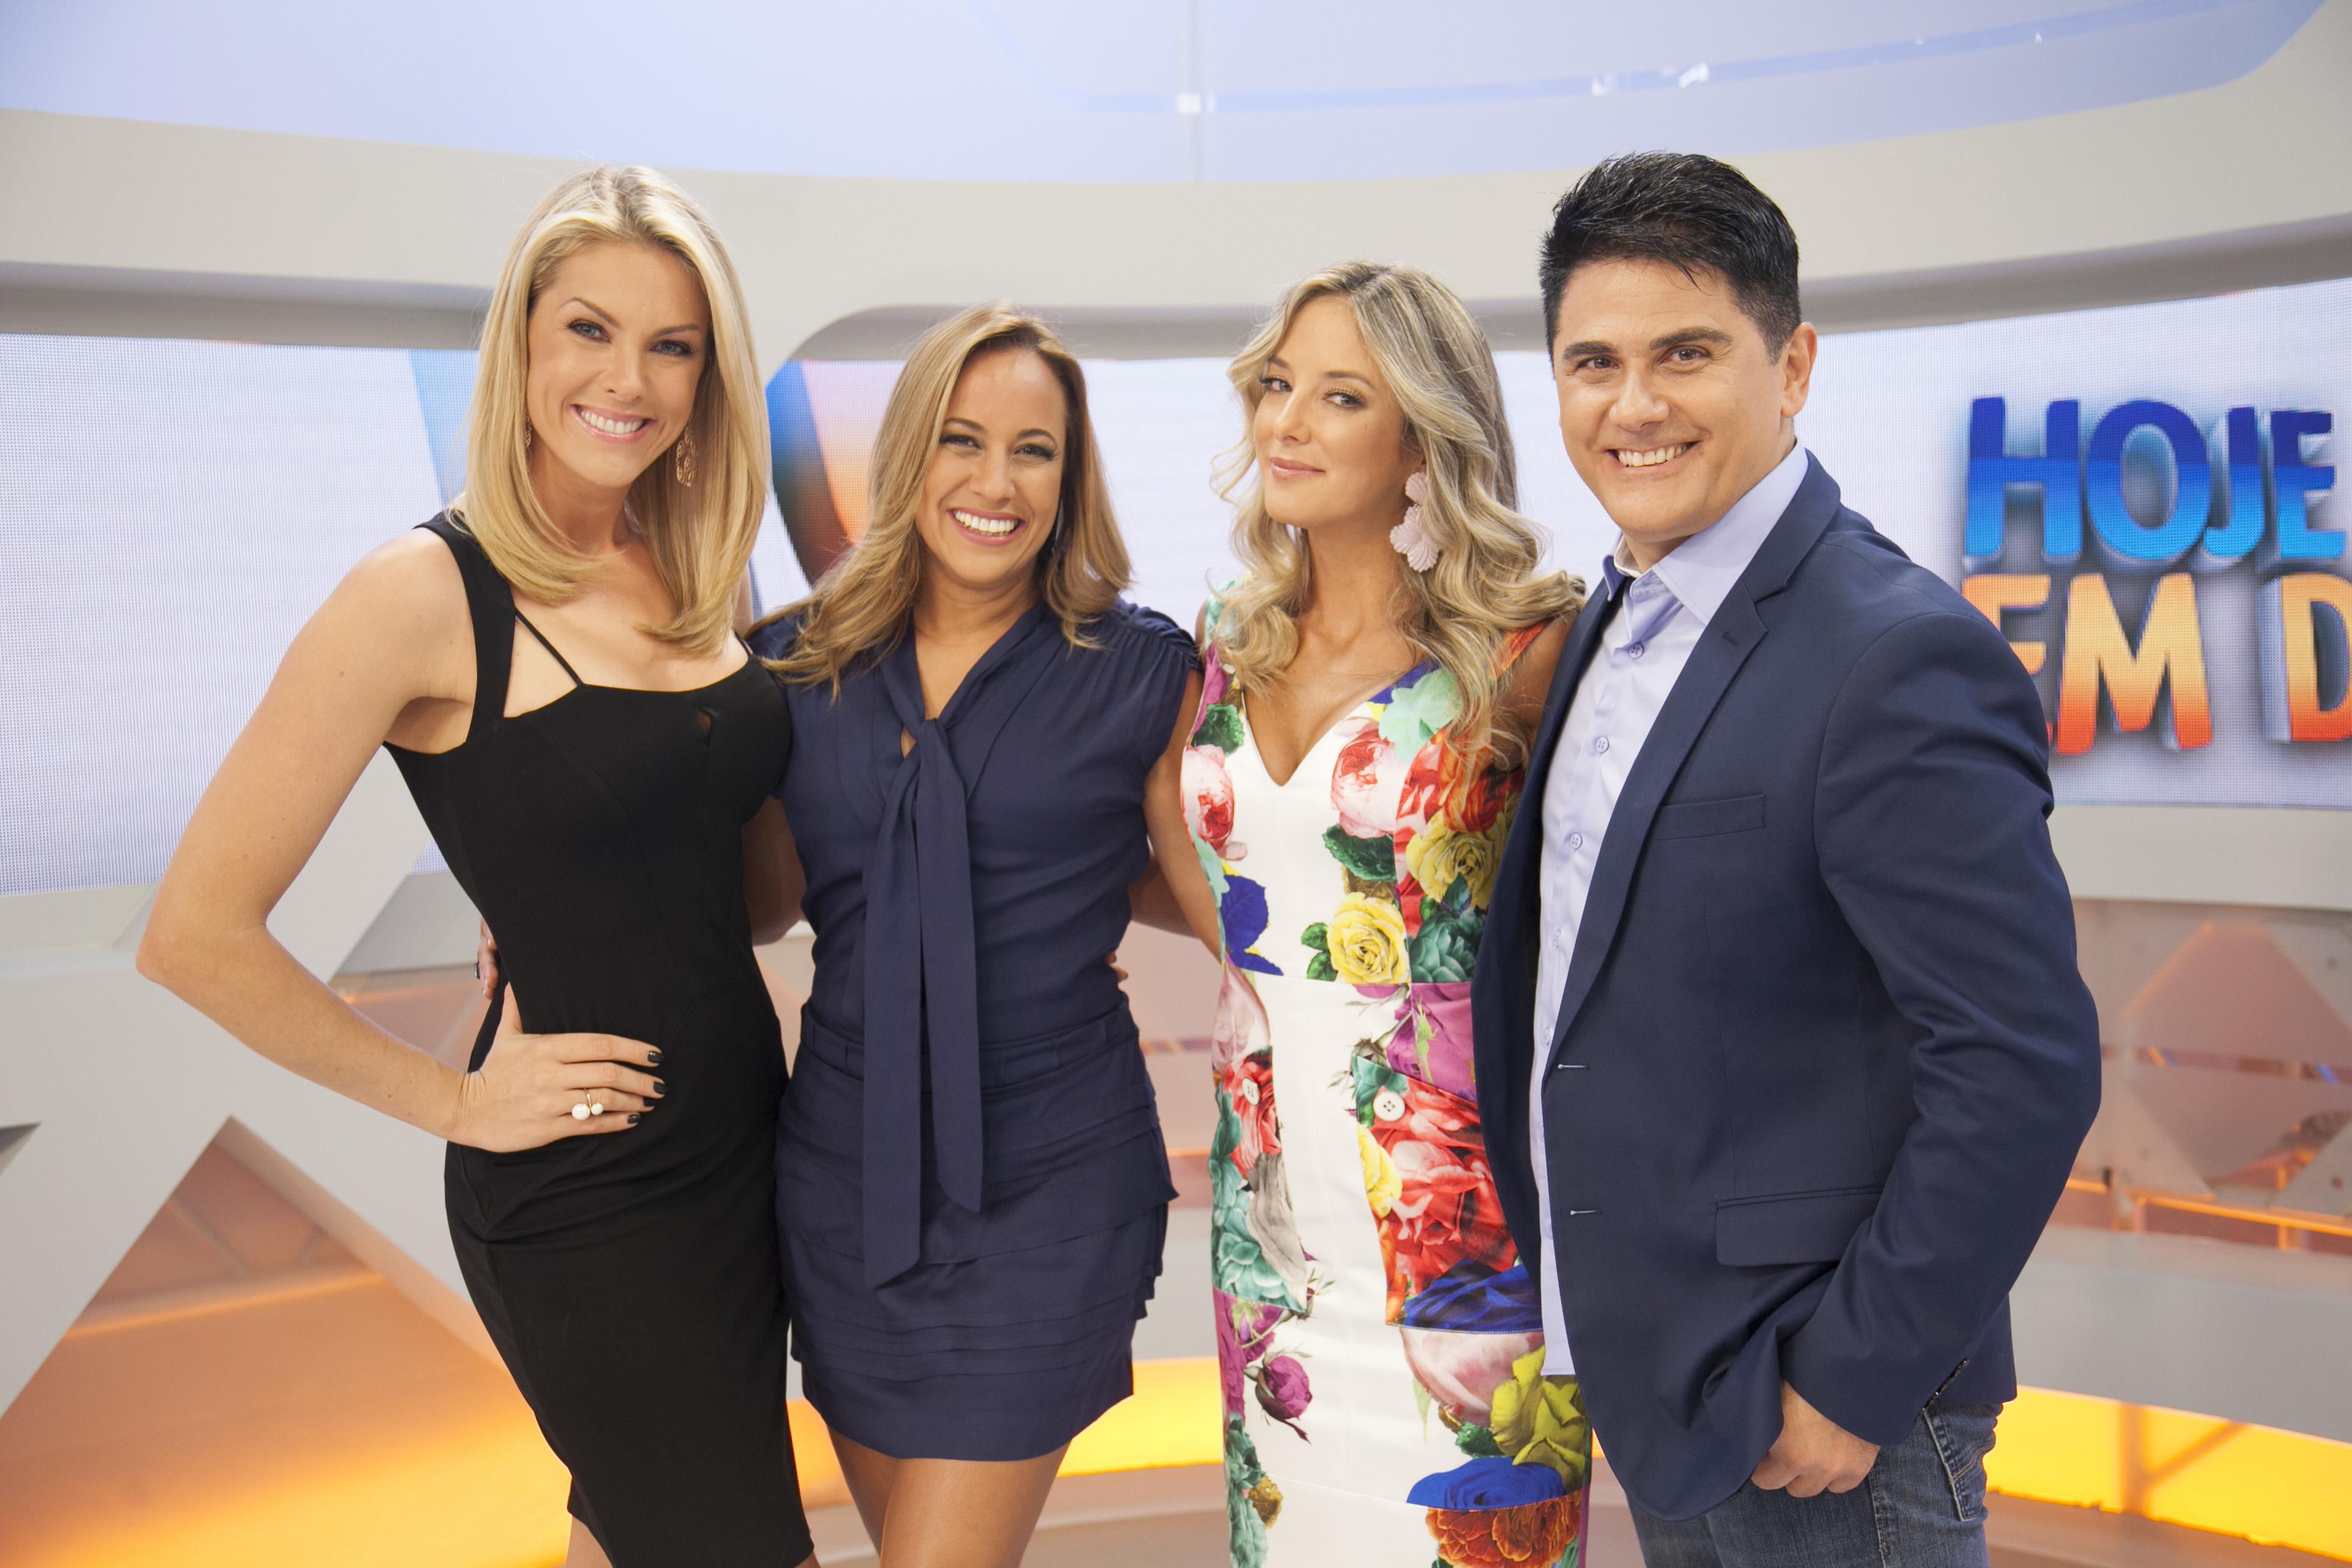 Os apresentadores do Hoje em Dia, programa matutino da Record (Foto: Divulgação/Record)